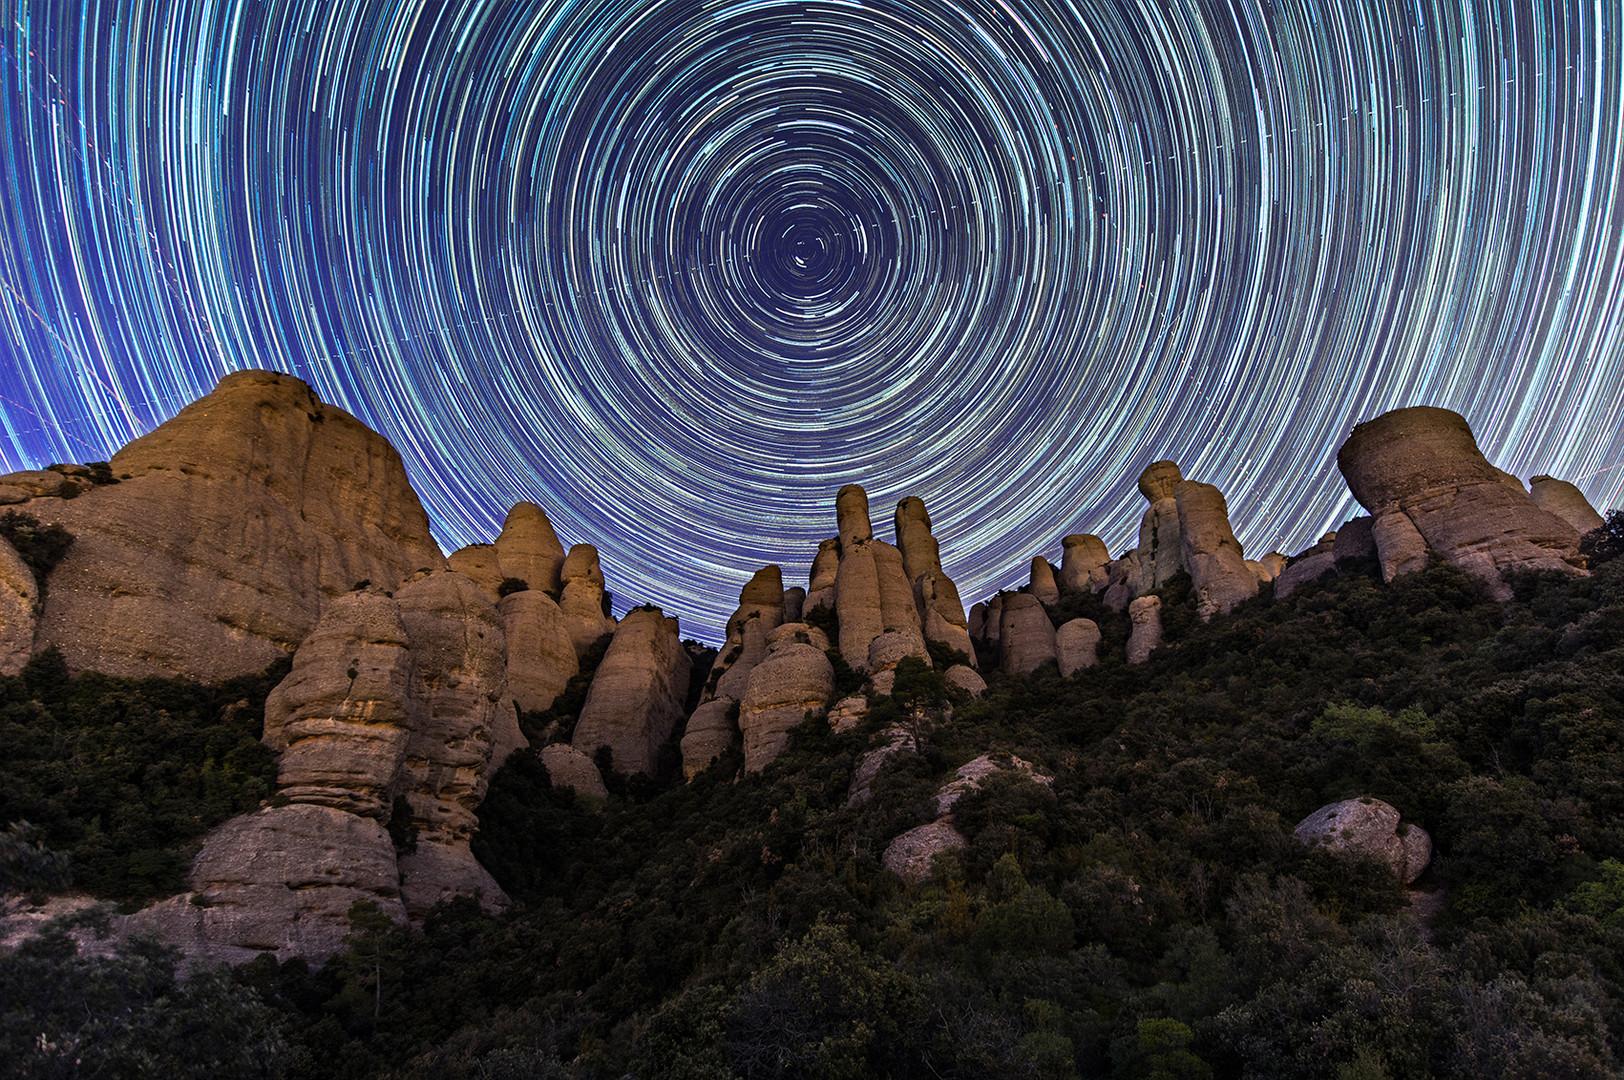 Les Agulles. Montserrat mountain.